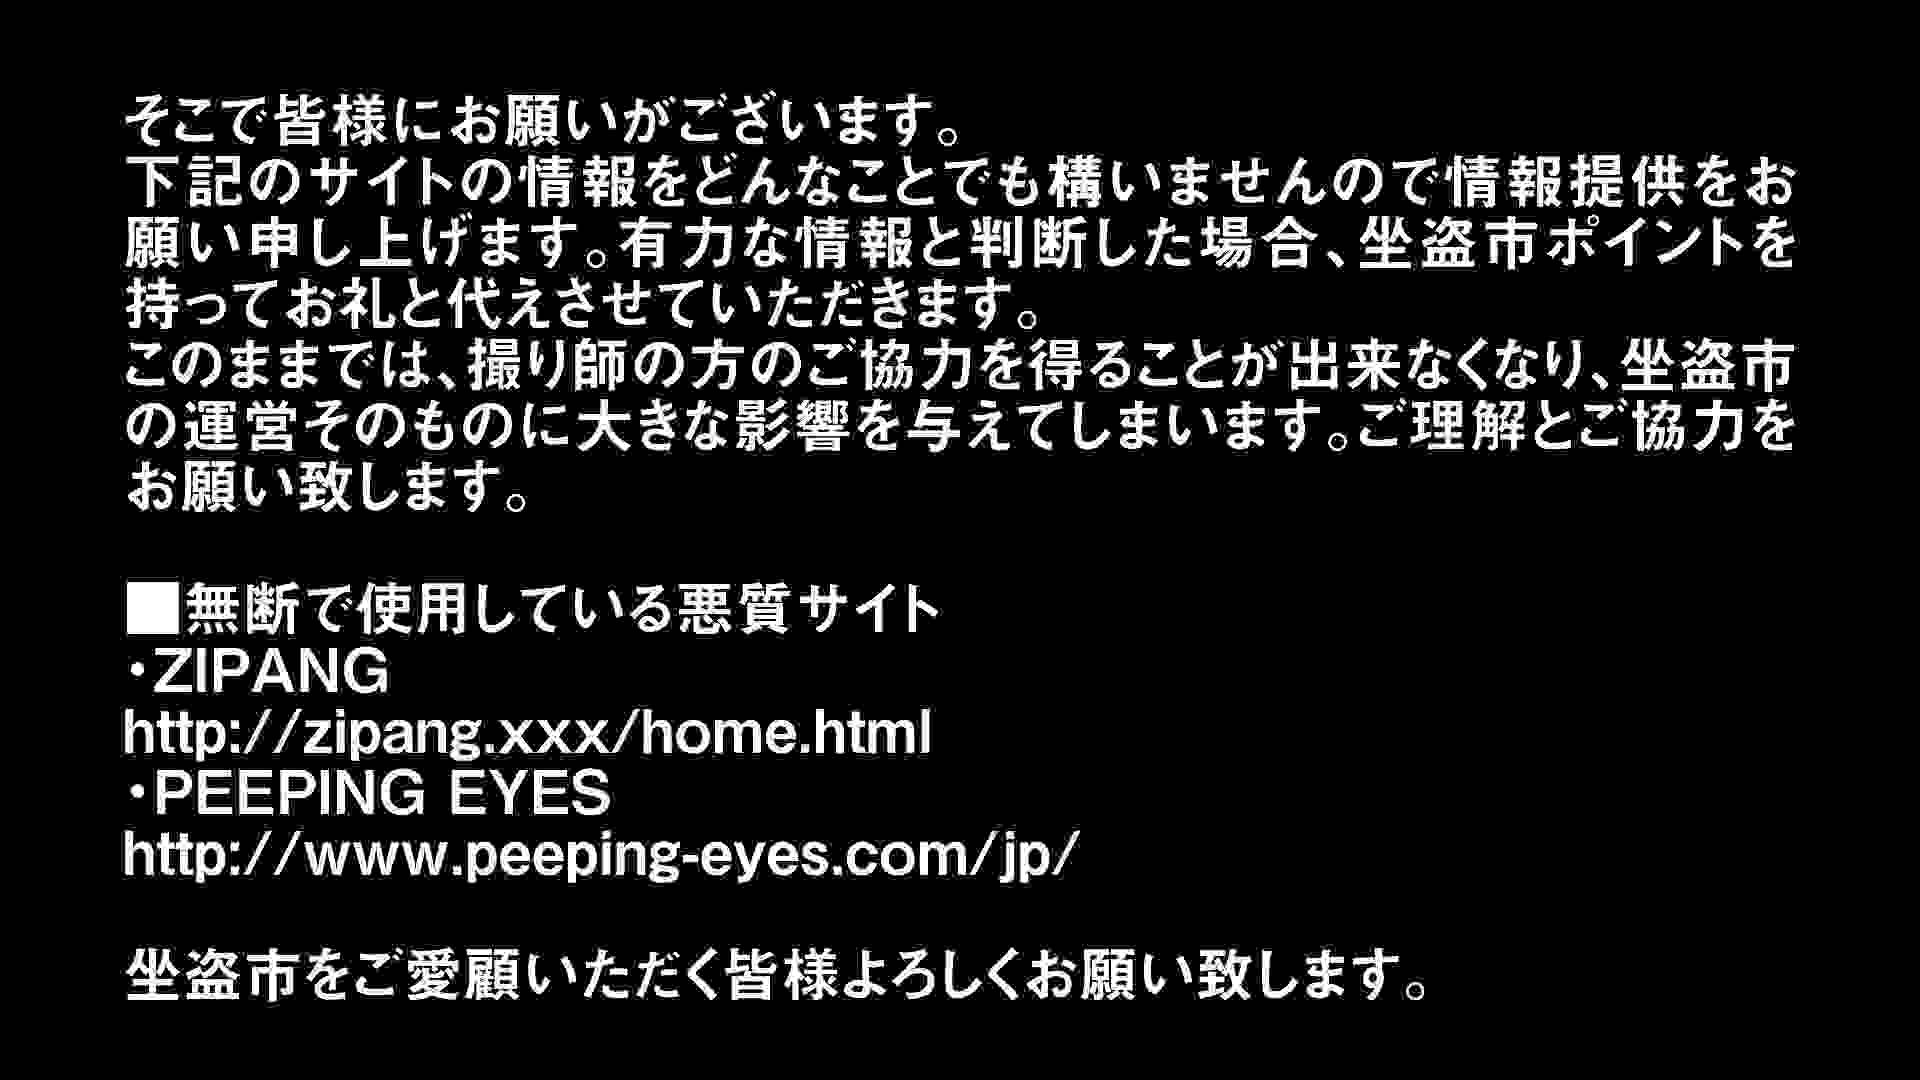 Aquaな露天風呂Vol.296 盗撮シリーズ  102PIX 36